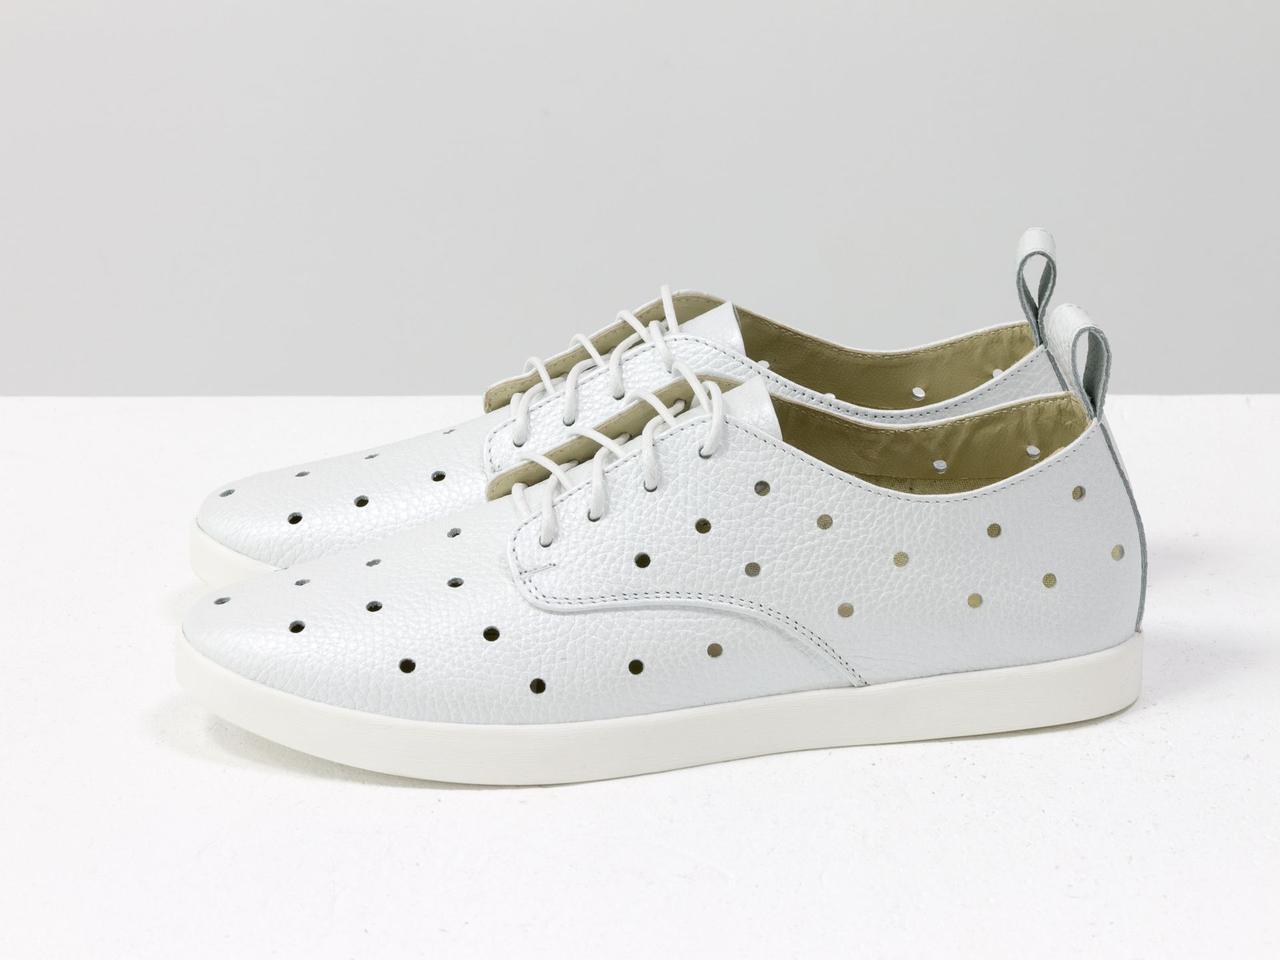 Легкие туфли из натуральной кожи белого цвета с перфорацией по всей поверхности 39 - фото 2